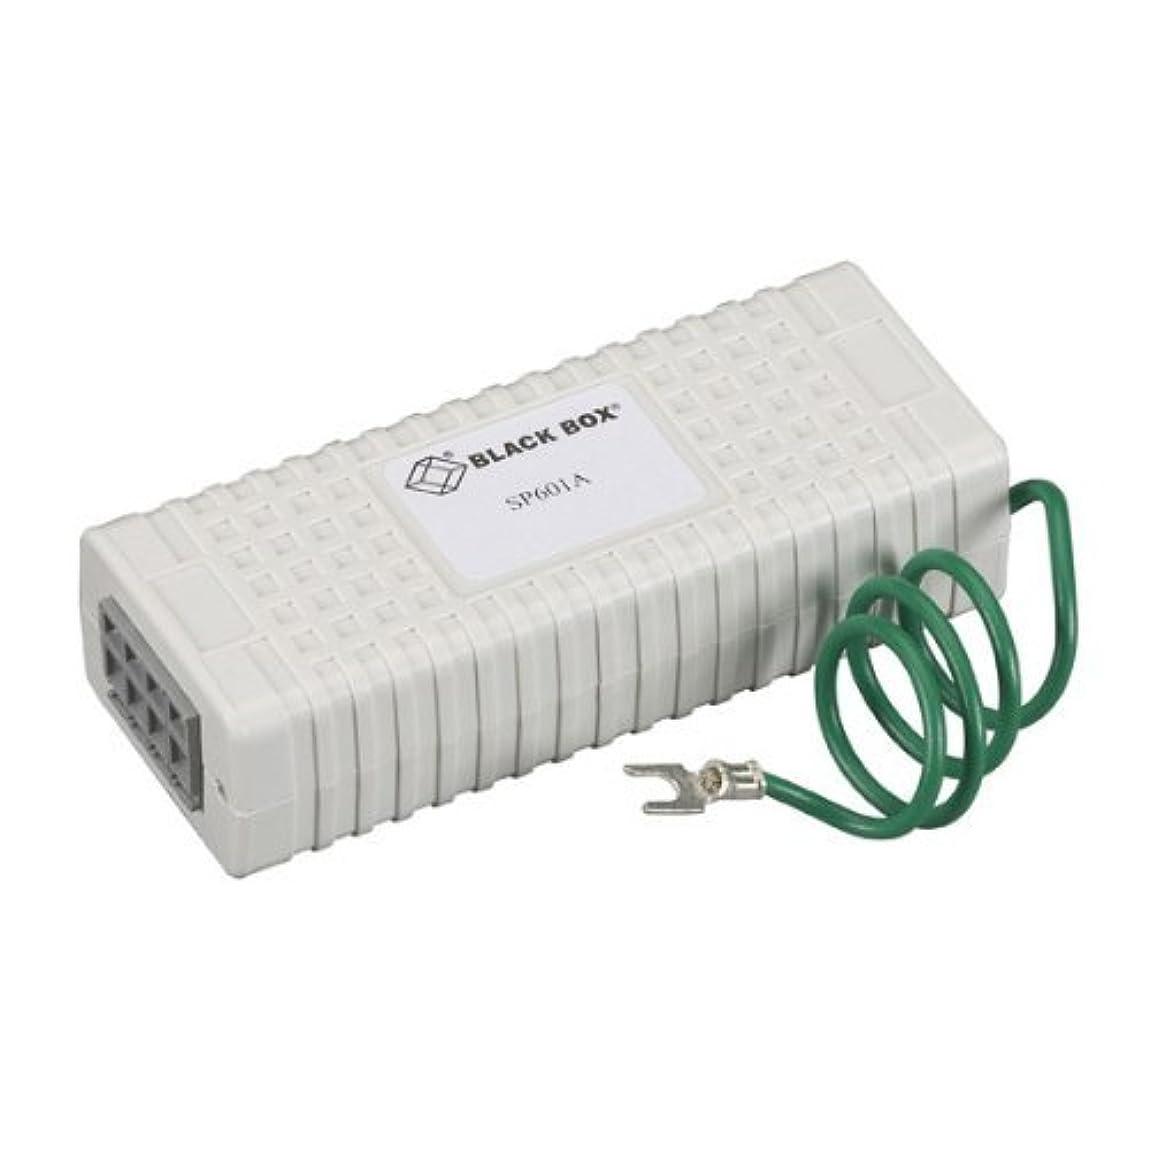 ゆりかご修正する法王Black Box Quick-Connect Surge Protector, RS-422/ 485 and 10BASE-T, 2-Wire [並行輸入品]